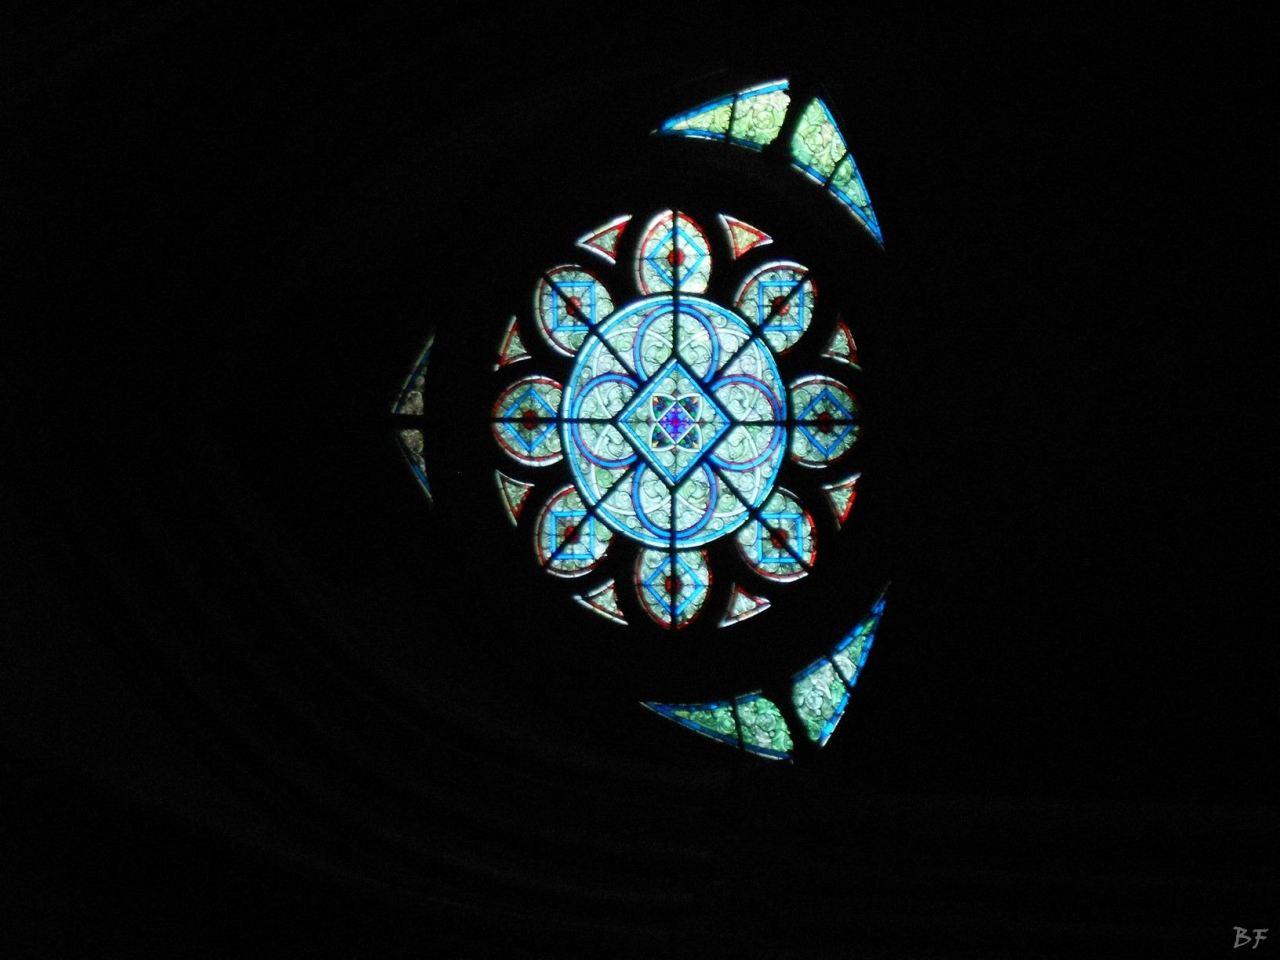 Cattedrale-Gotica-della-Vergine-di-Amiens-Somme-Hauts-de-France-23